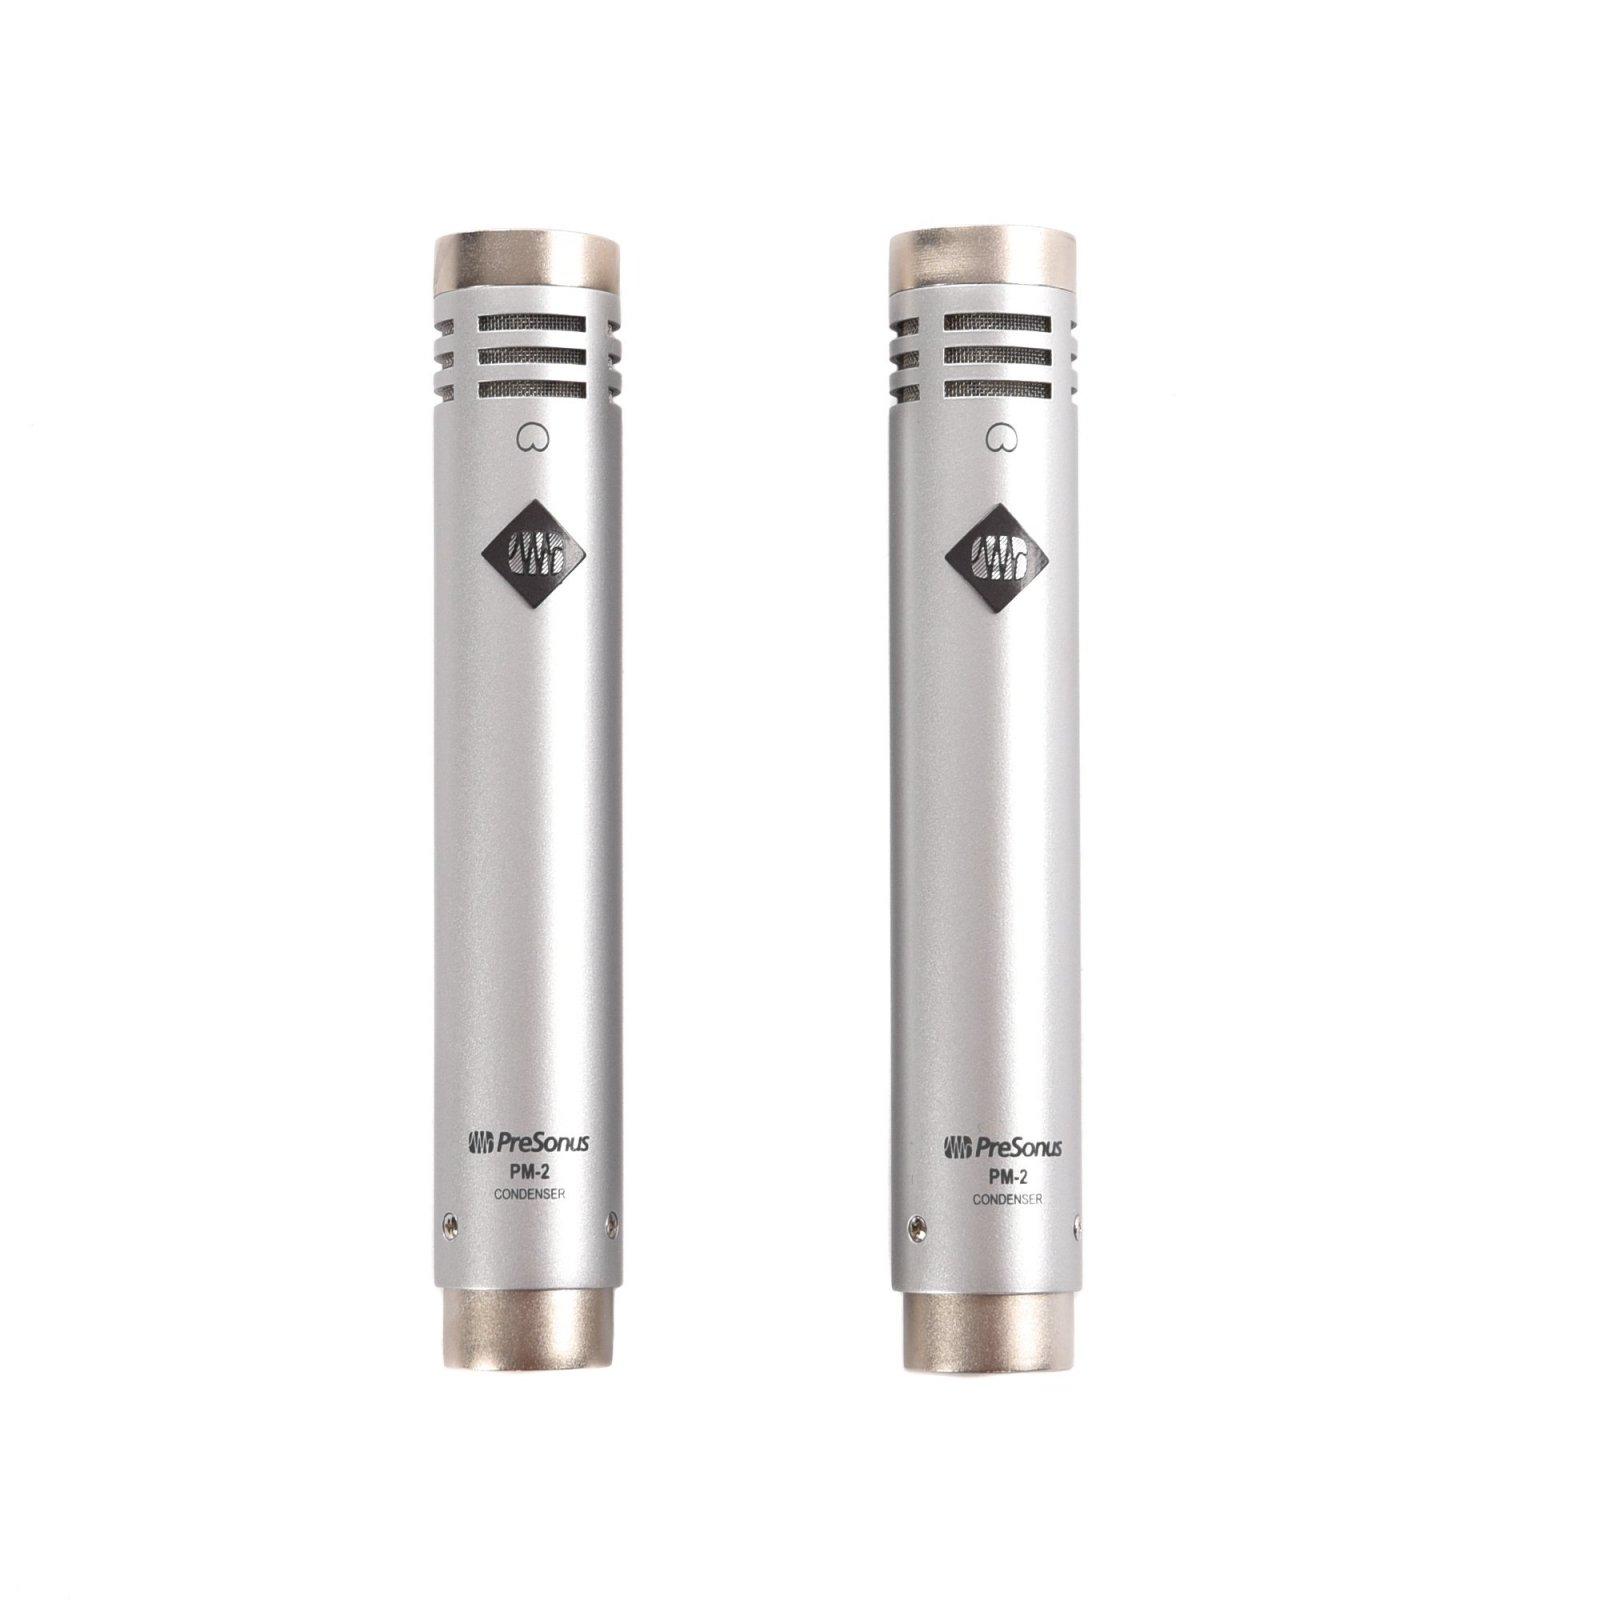 PreSonus PM-2 Small-Diaphragm Condenser Microphones Matched Pair